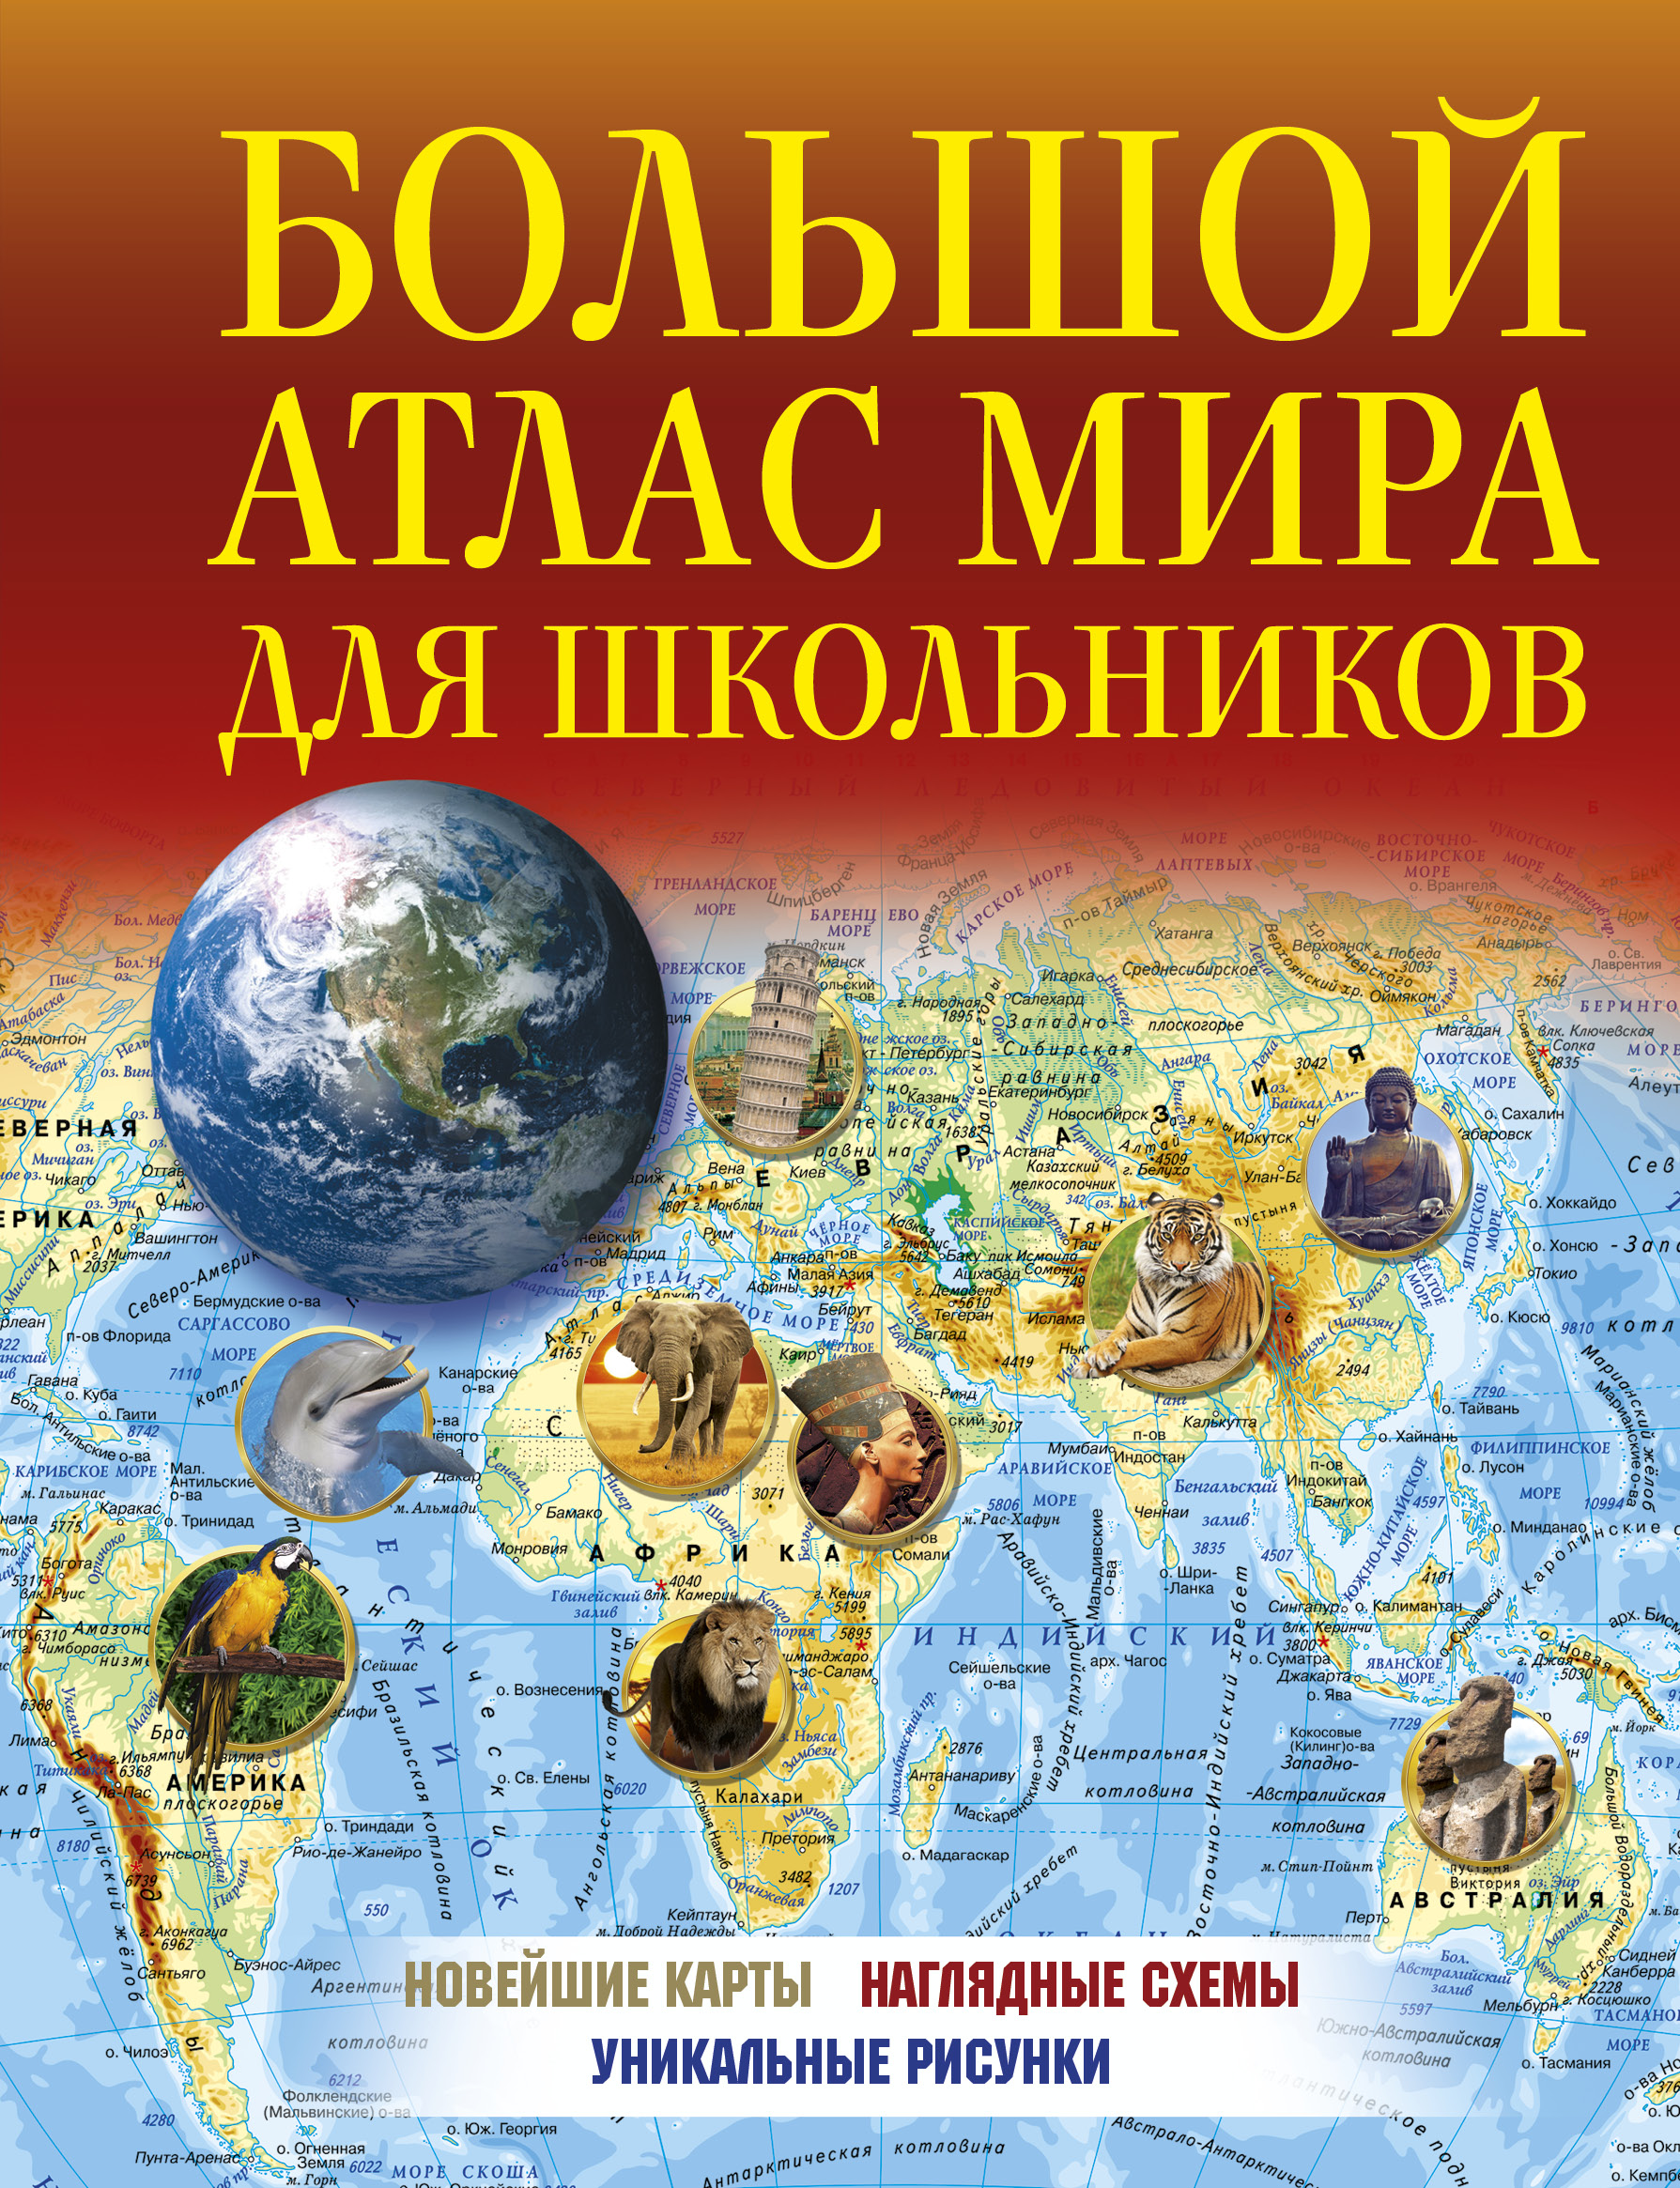 Большой атлас мира для школьников от book24.ru